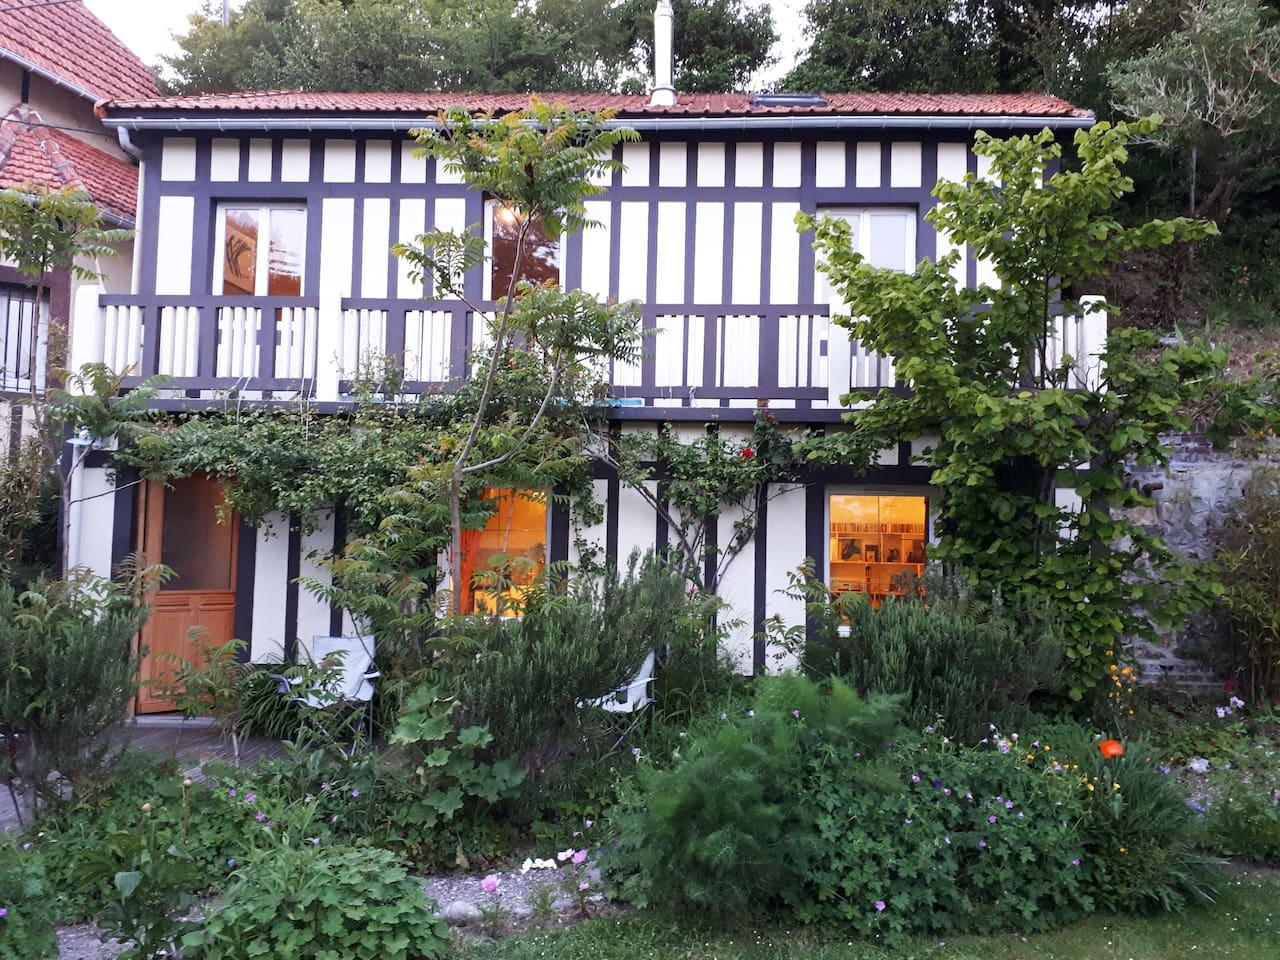 Façade de la maison sur deux niveaux avec terrasse arborée.